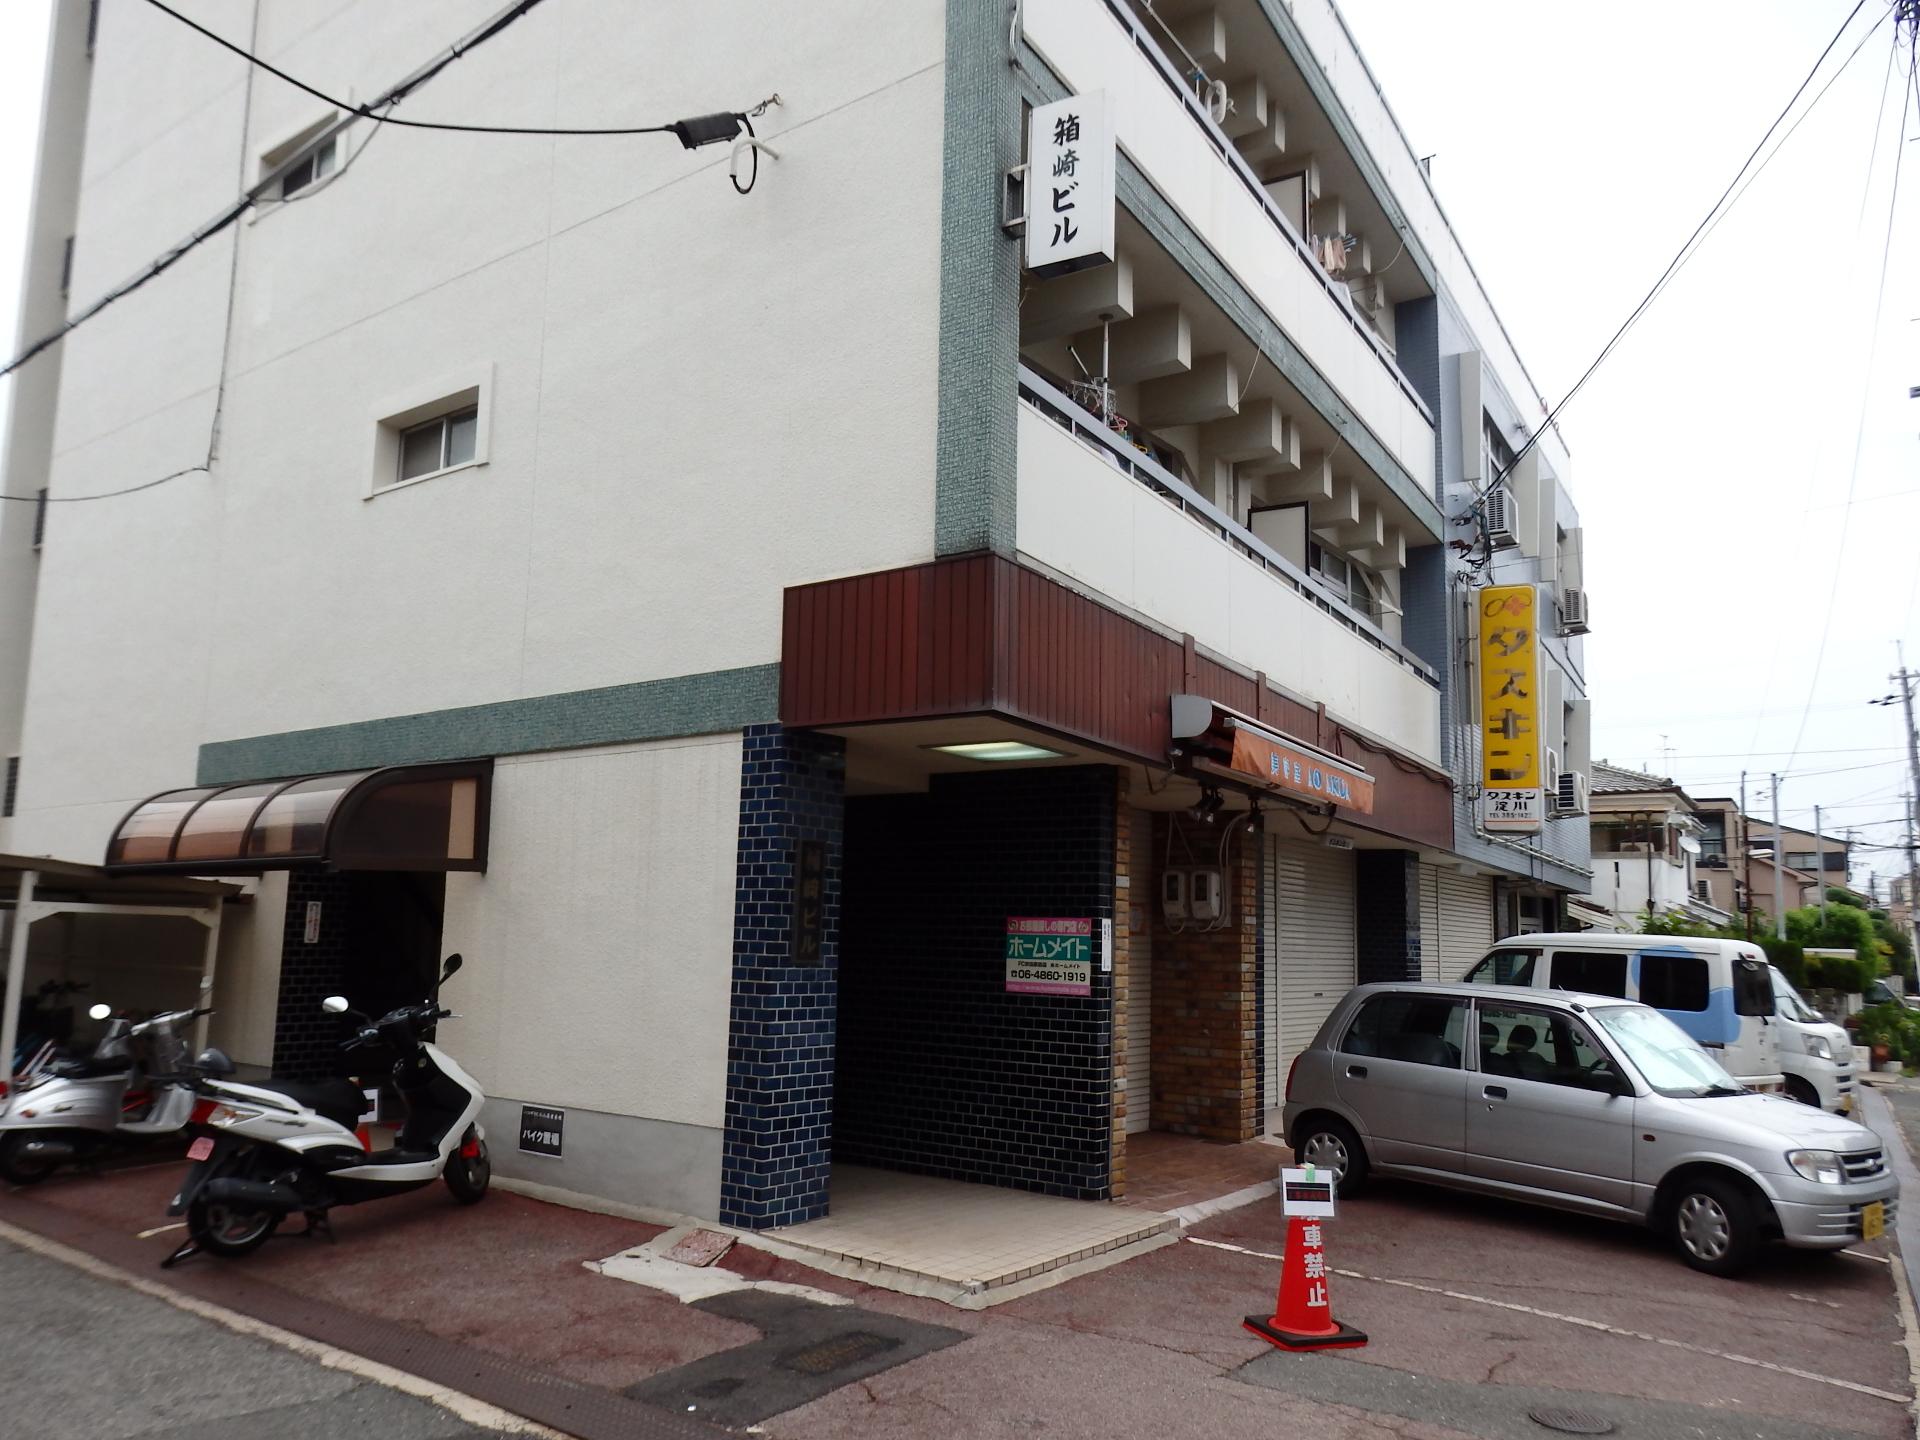 この地区では唯一の高層建築であった箱崎ビルです。